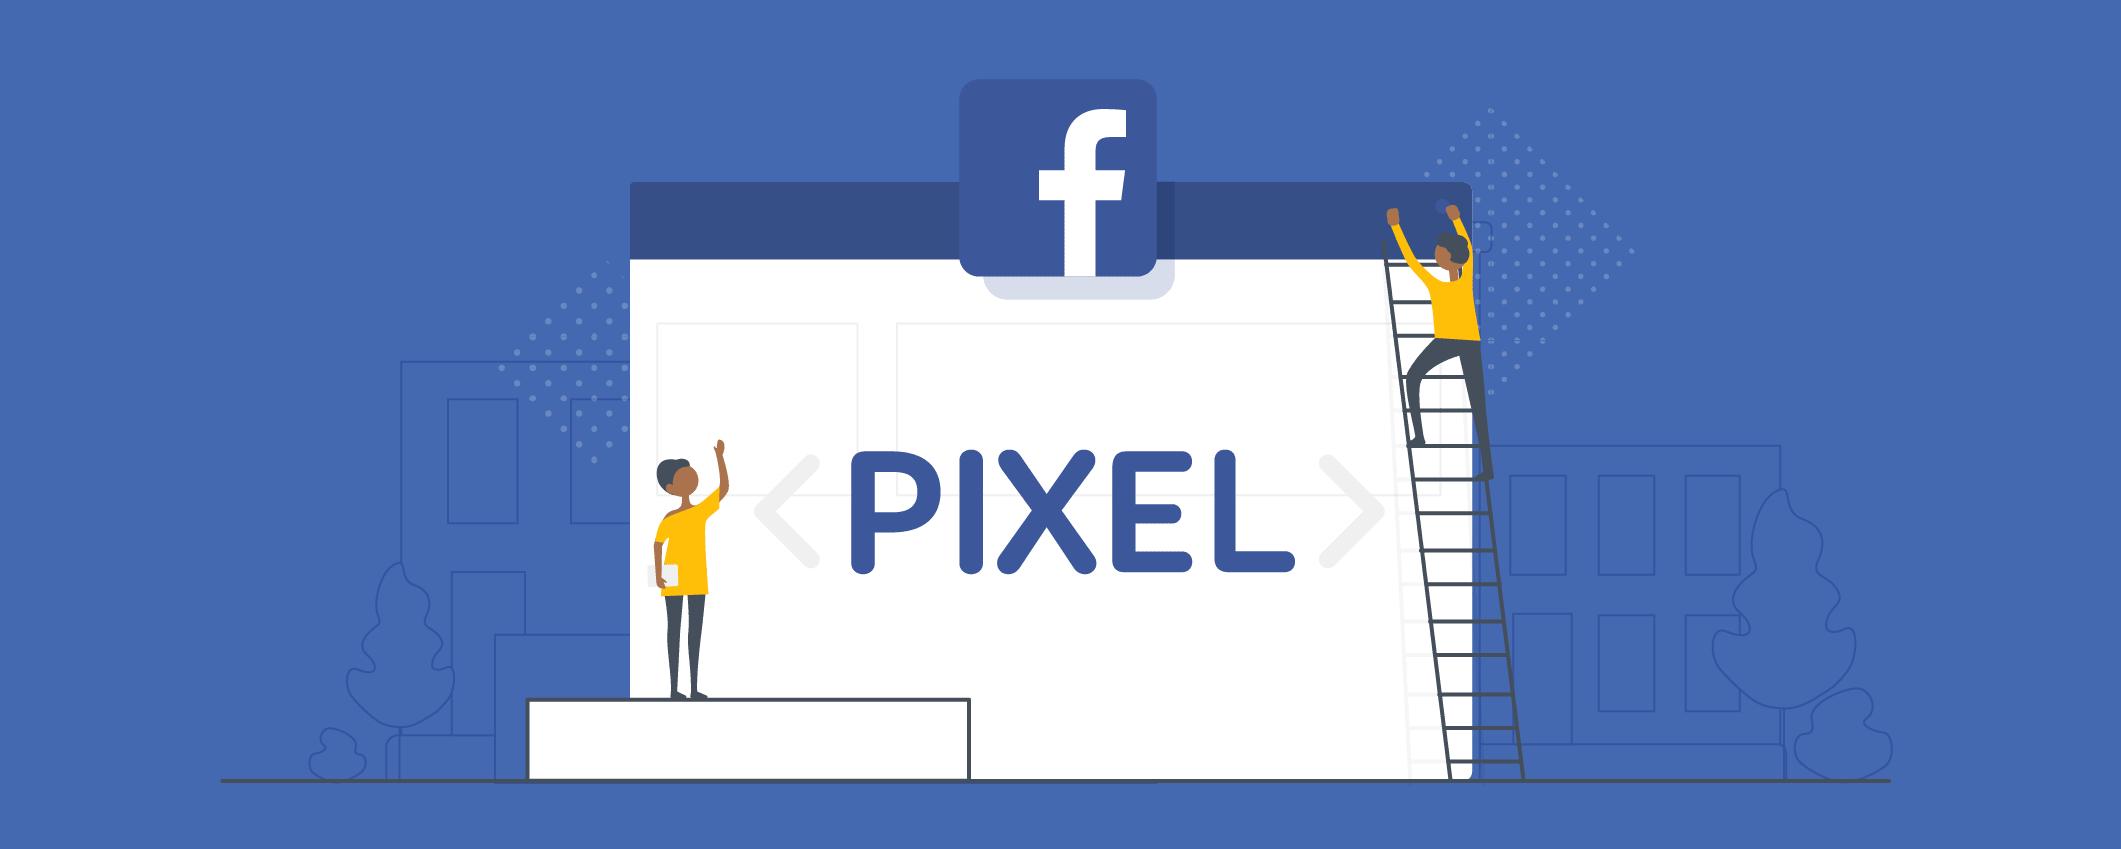 Facebook-Pixel-la-gi-dizibrand